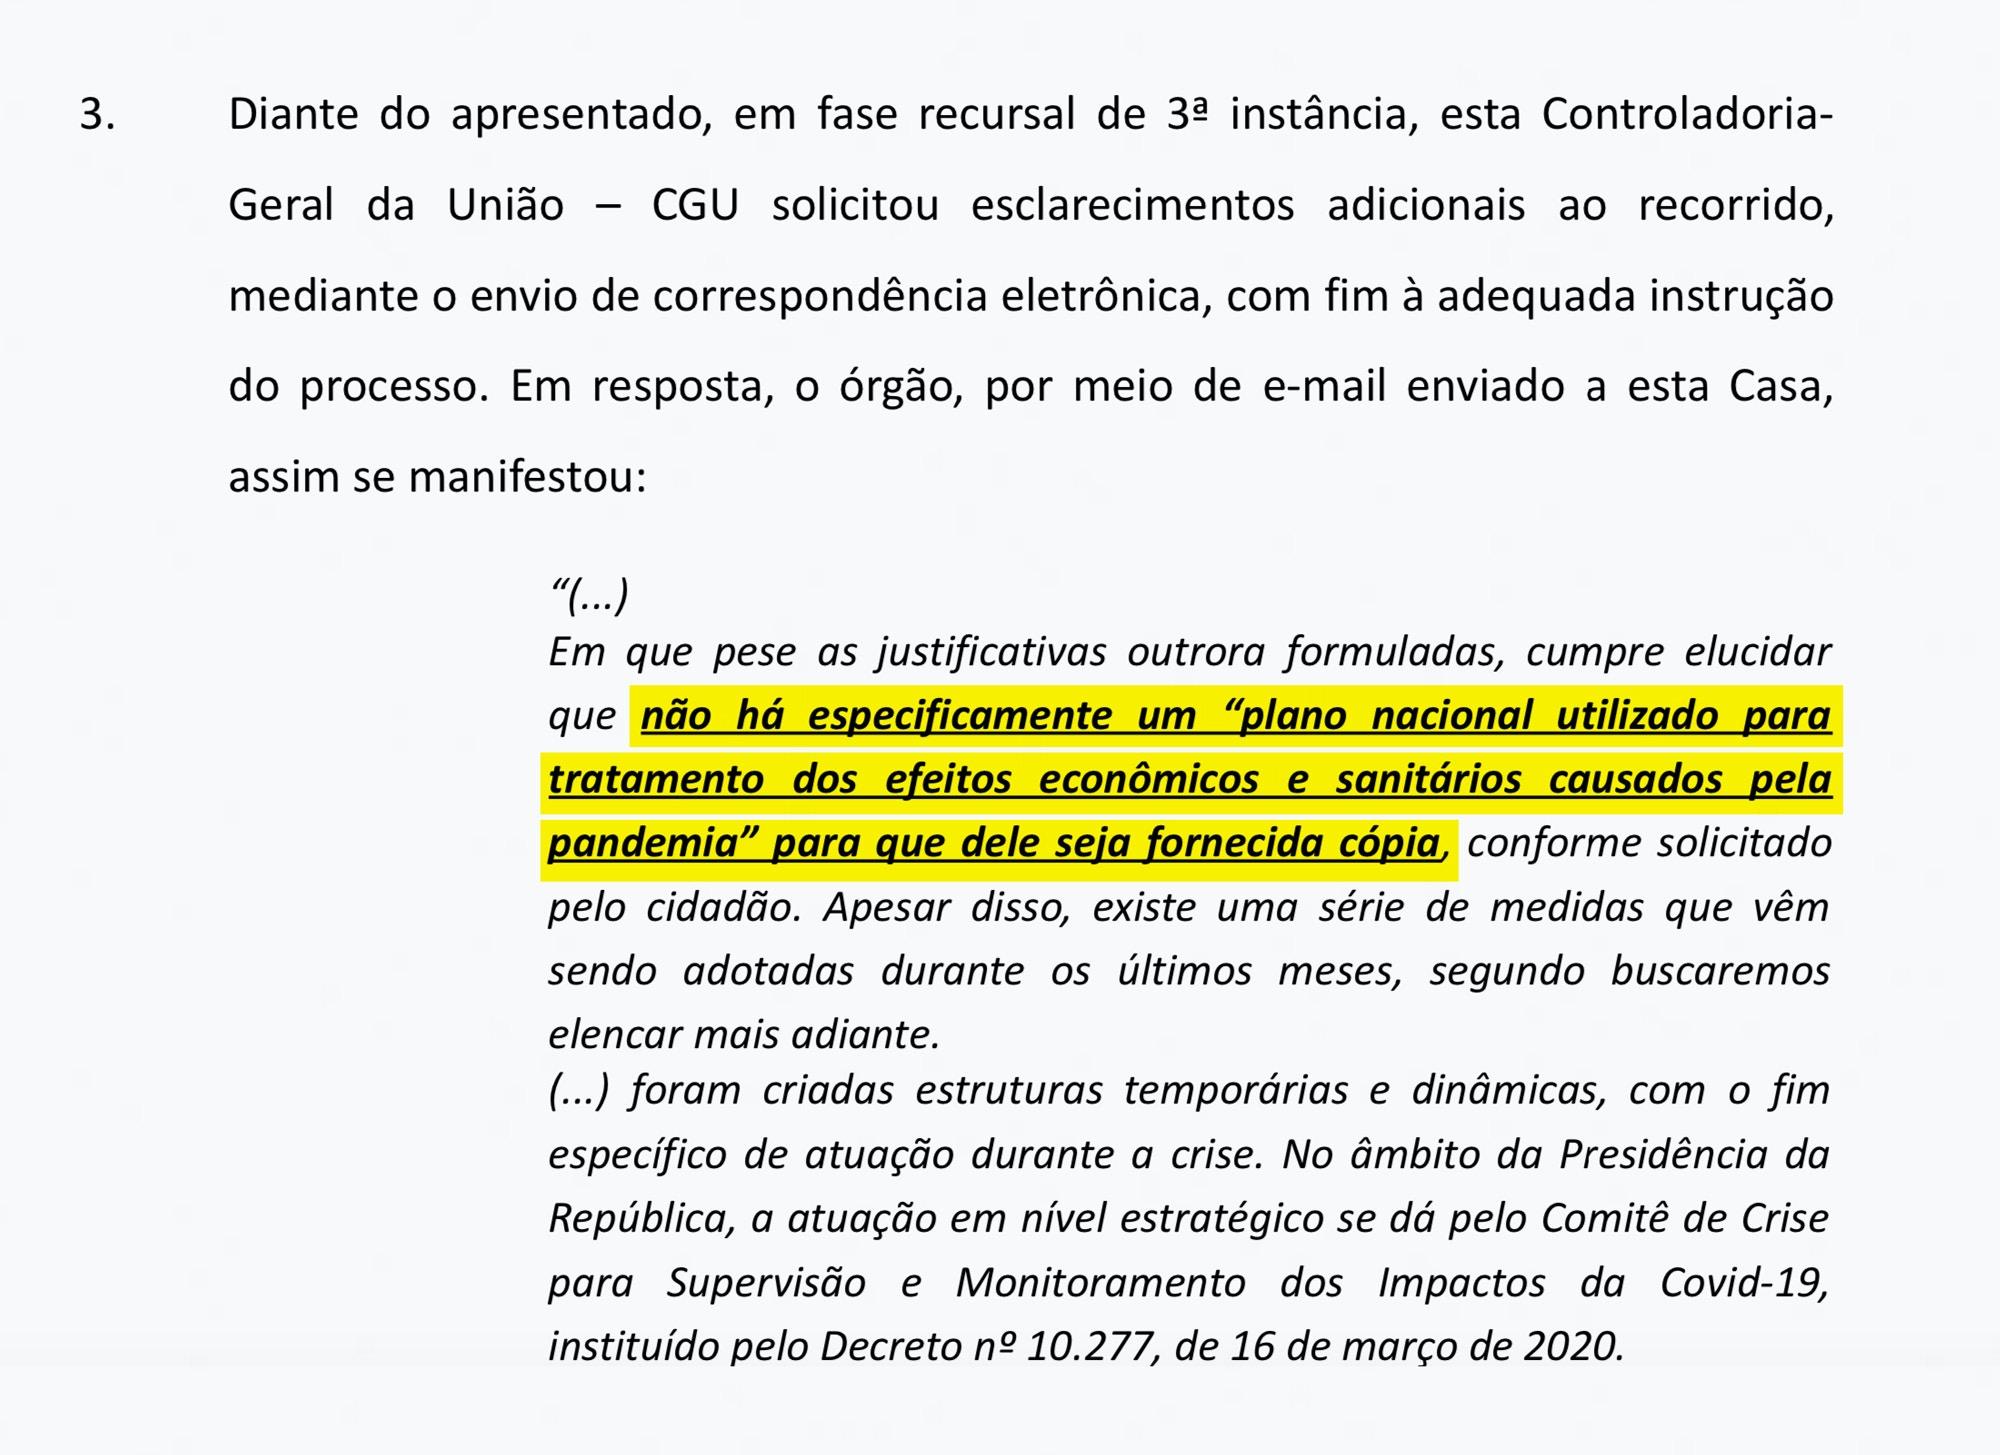 Resposta da Controladoria-Geral da União ao cidadão Hélio Rodak, publicada pela jornalista Tatiana Dias